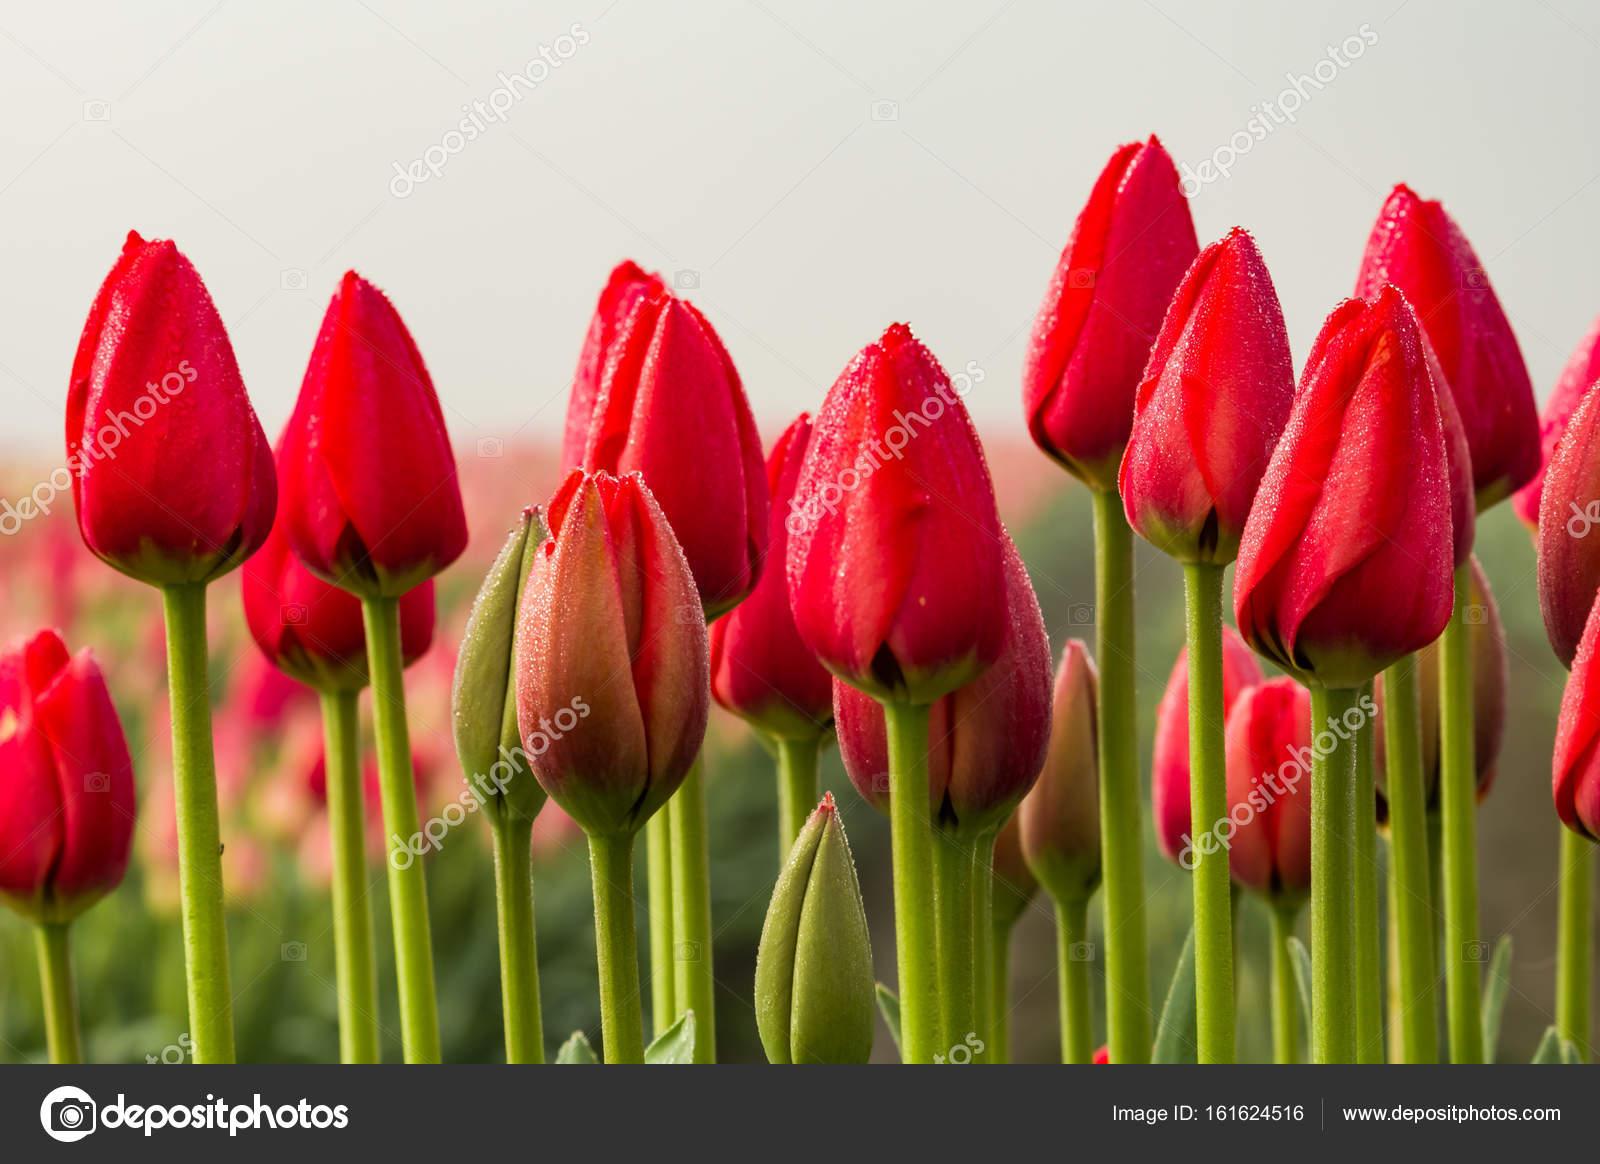 Wiersz Z Czerwone Tulipany Z Zielony łodyg Zdjęcie